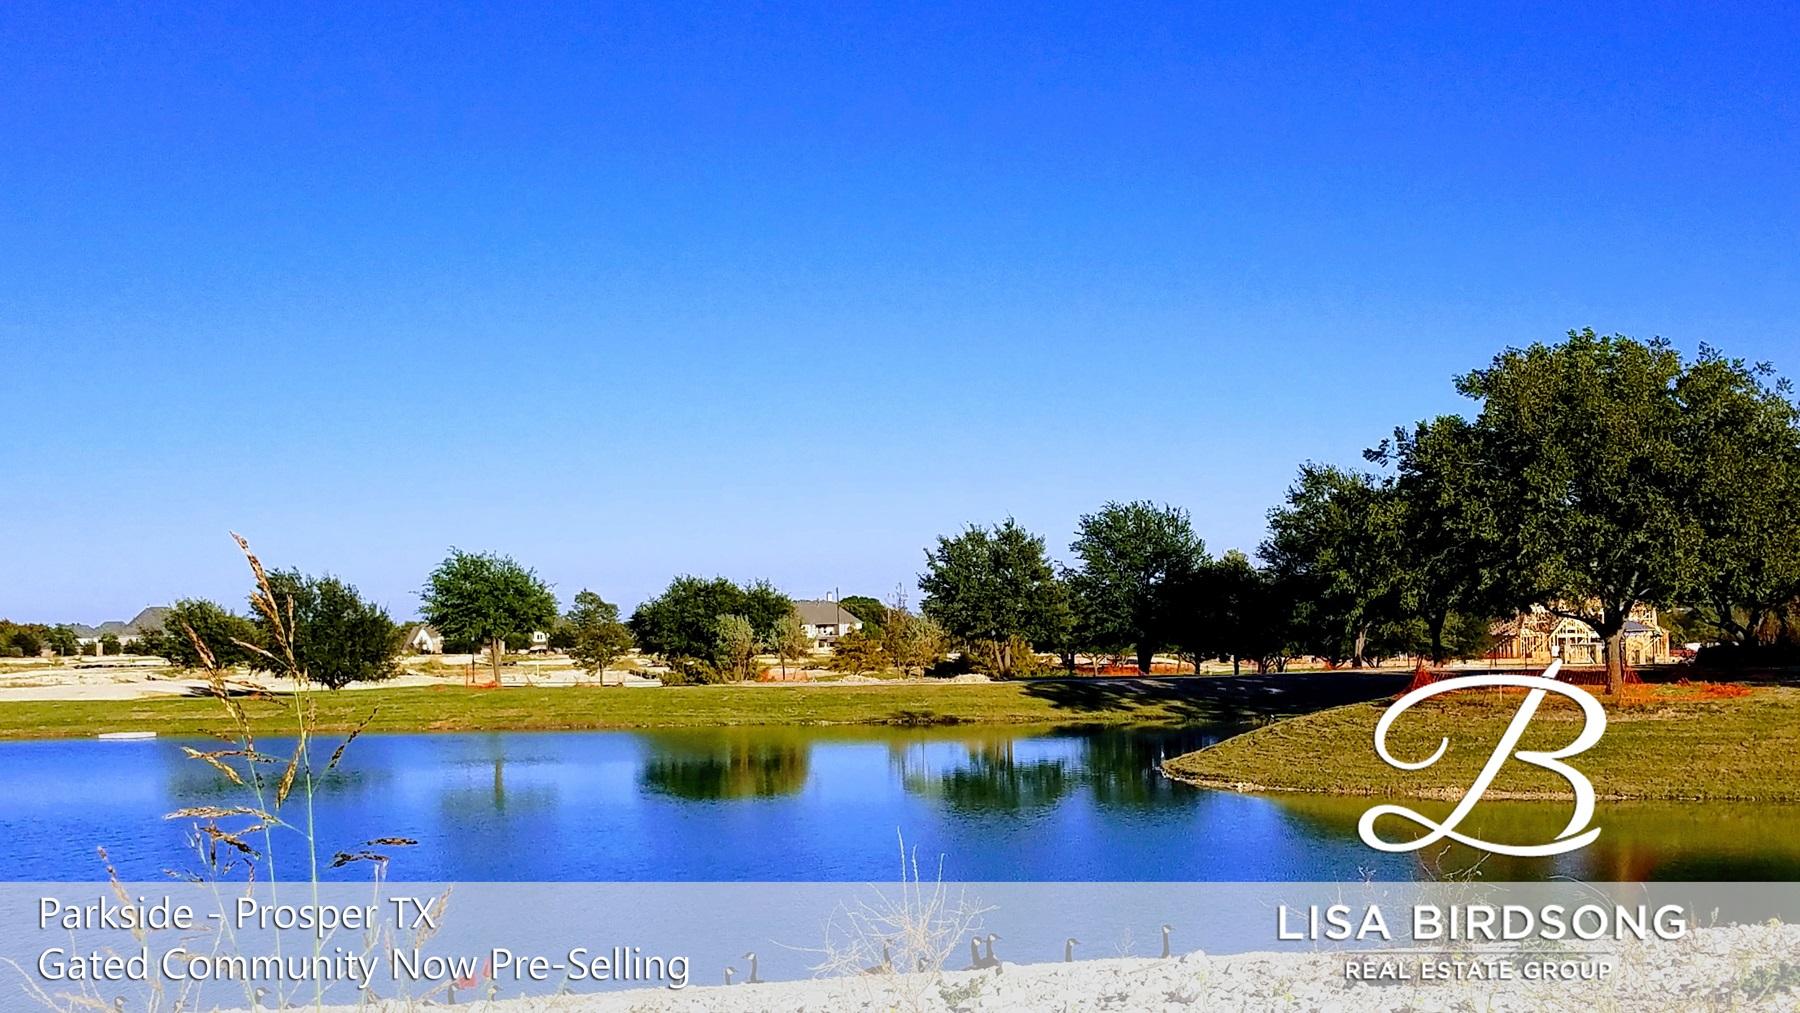 Parkside-Prosper-Lake---Lisa-Birdsong-Group